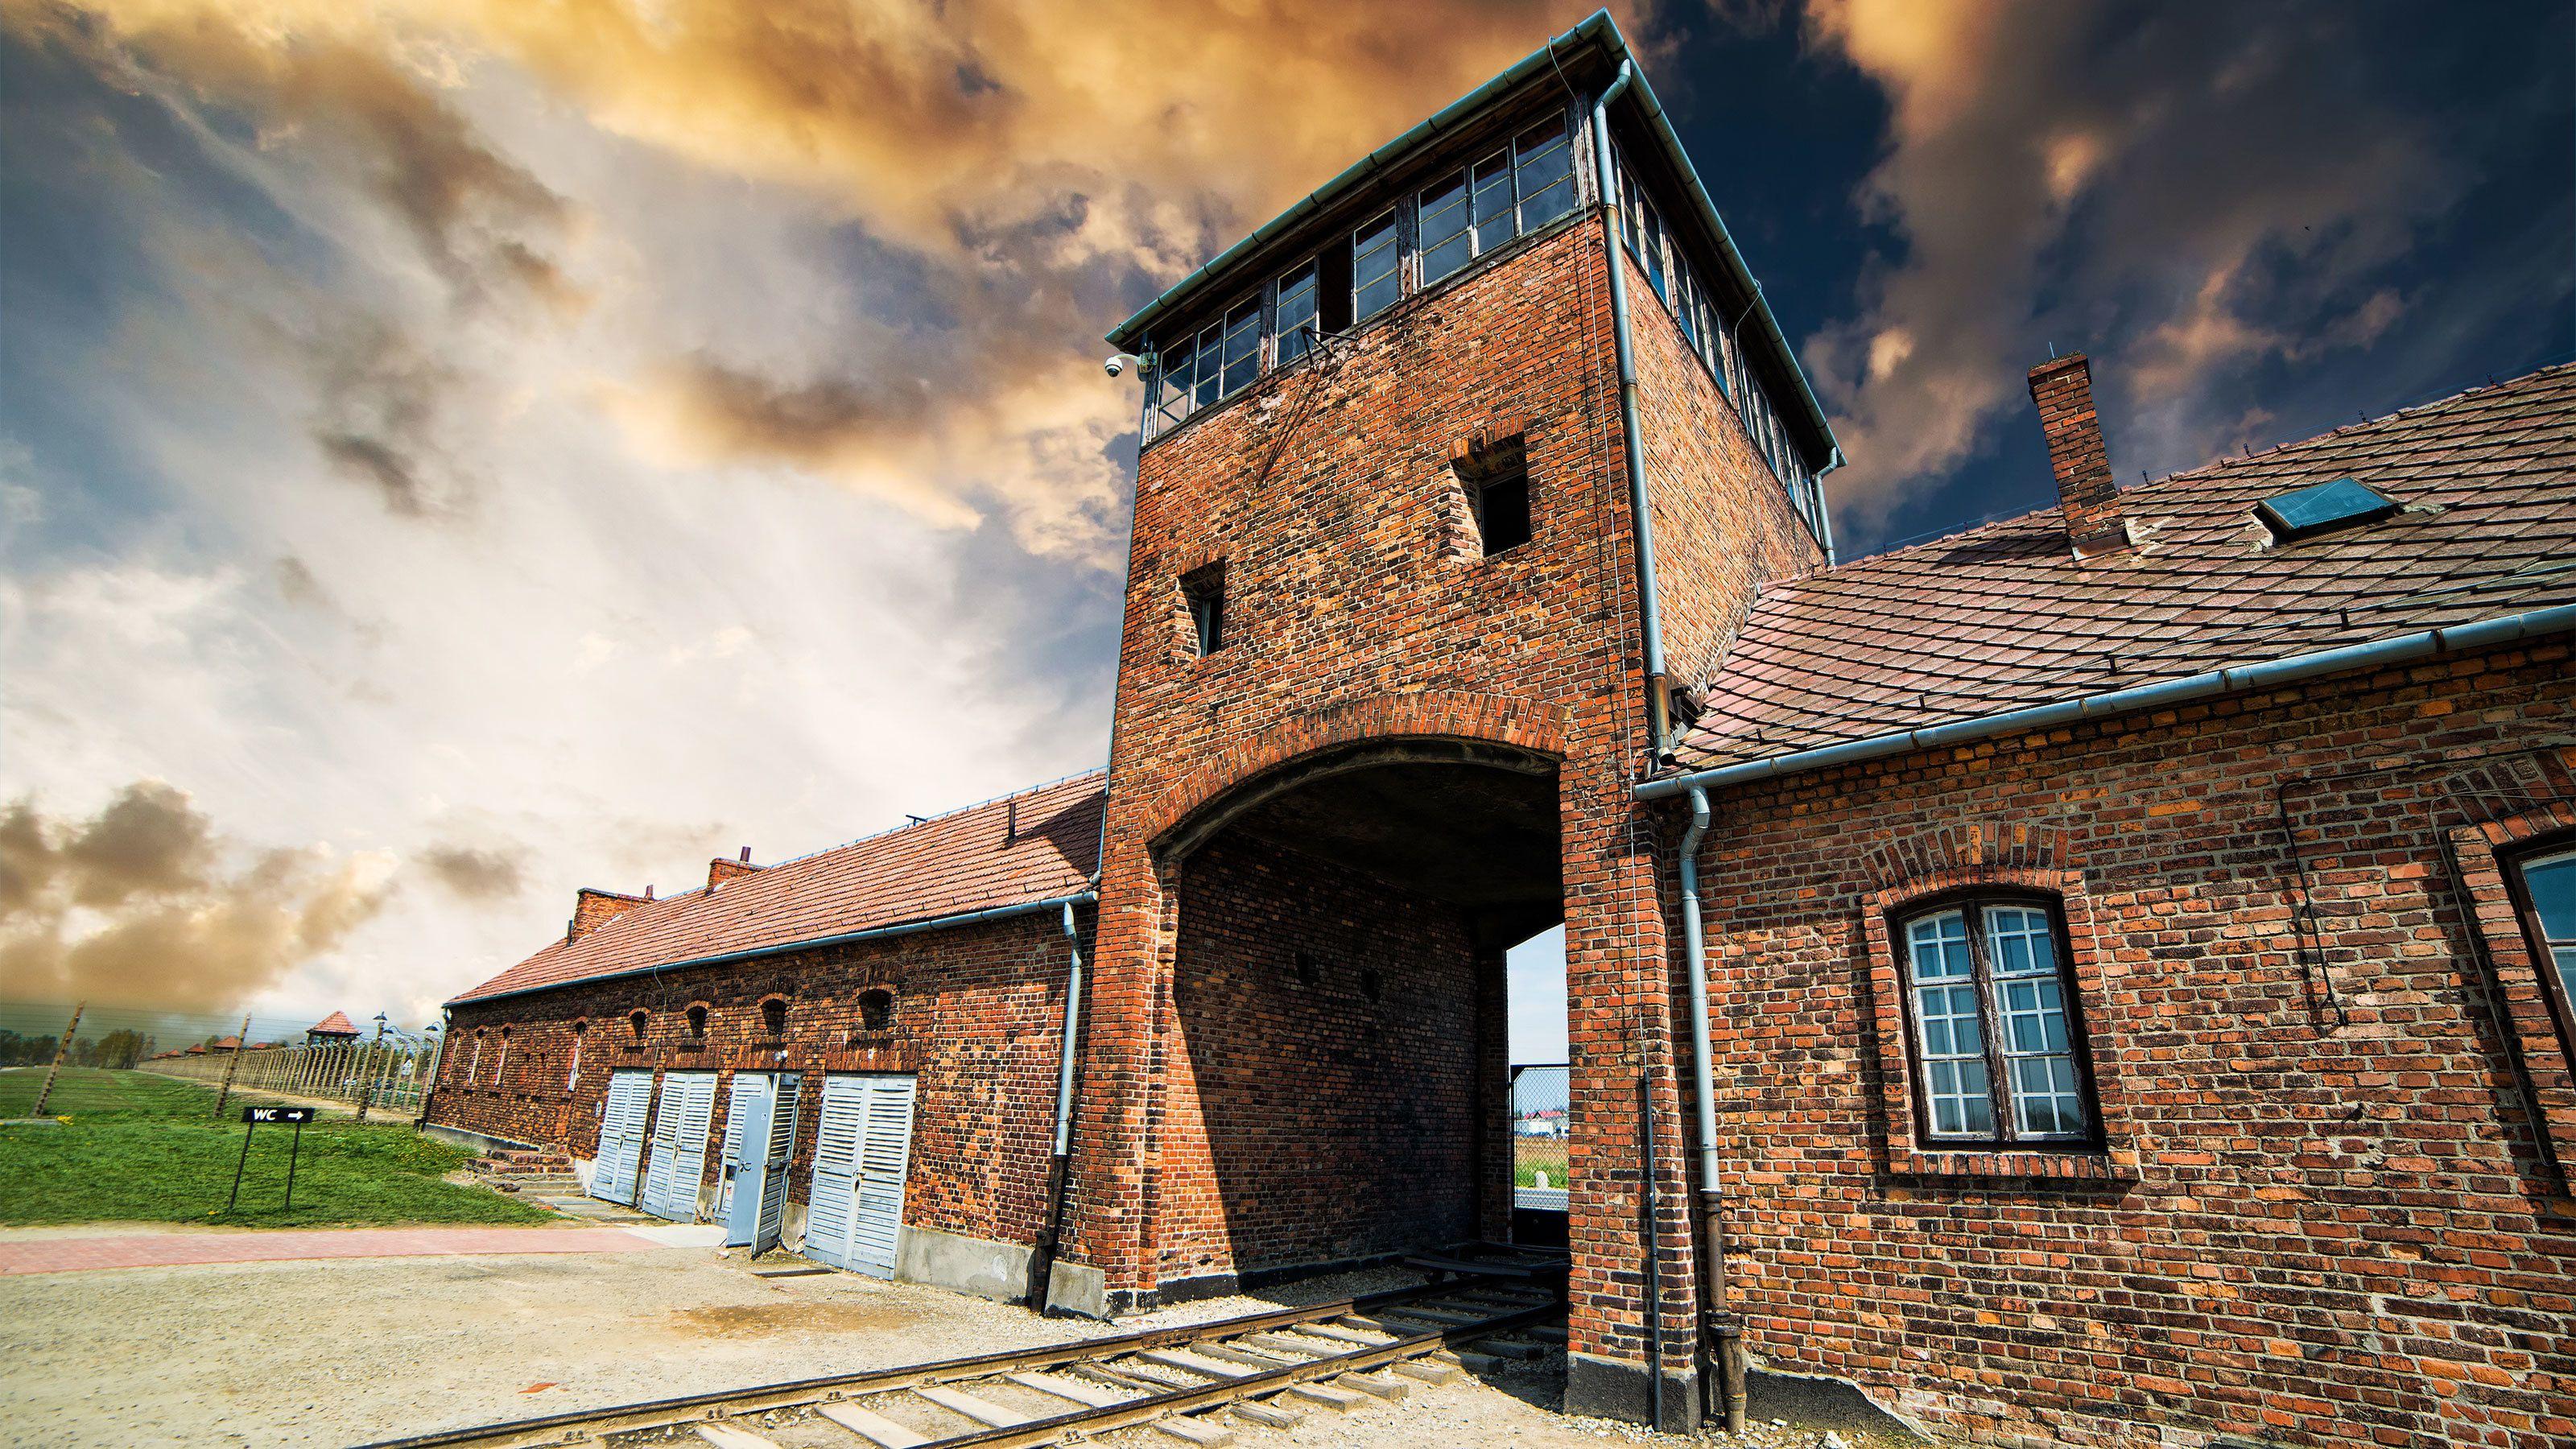 Gate to Auschwitz-Birkenau in Poland